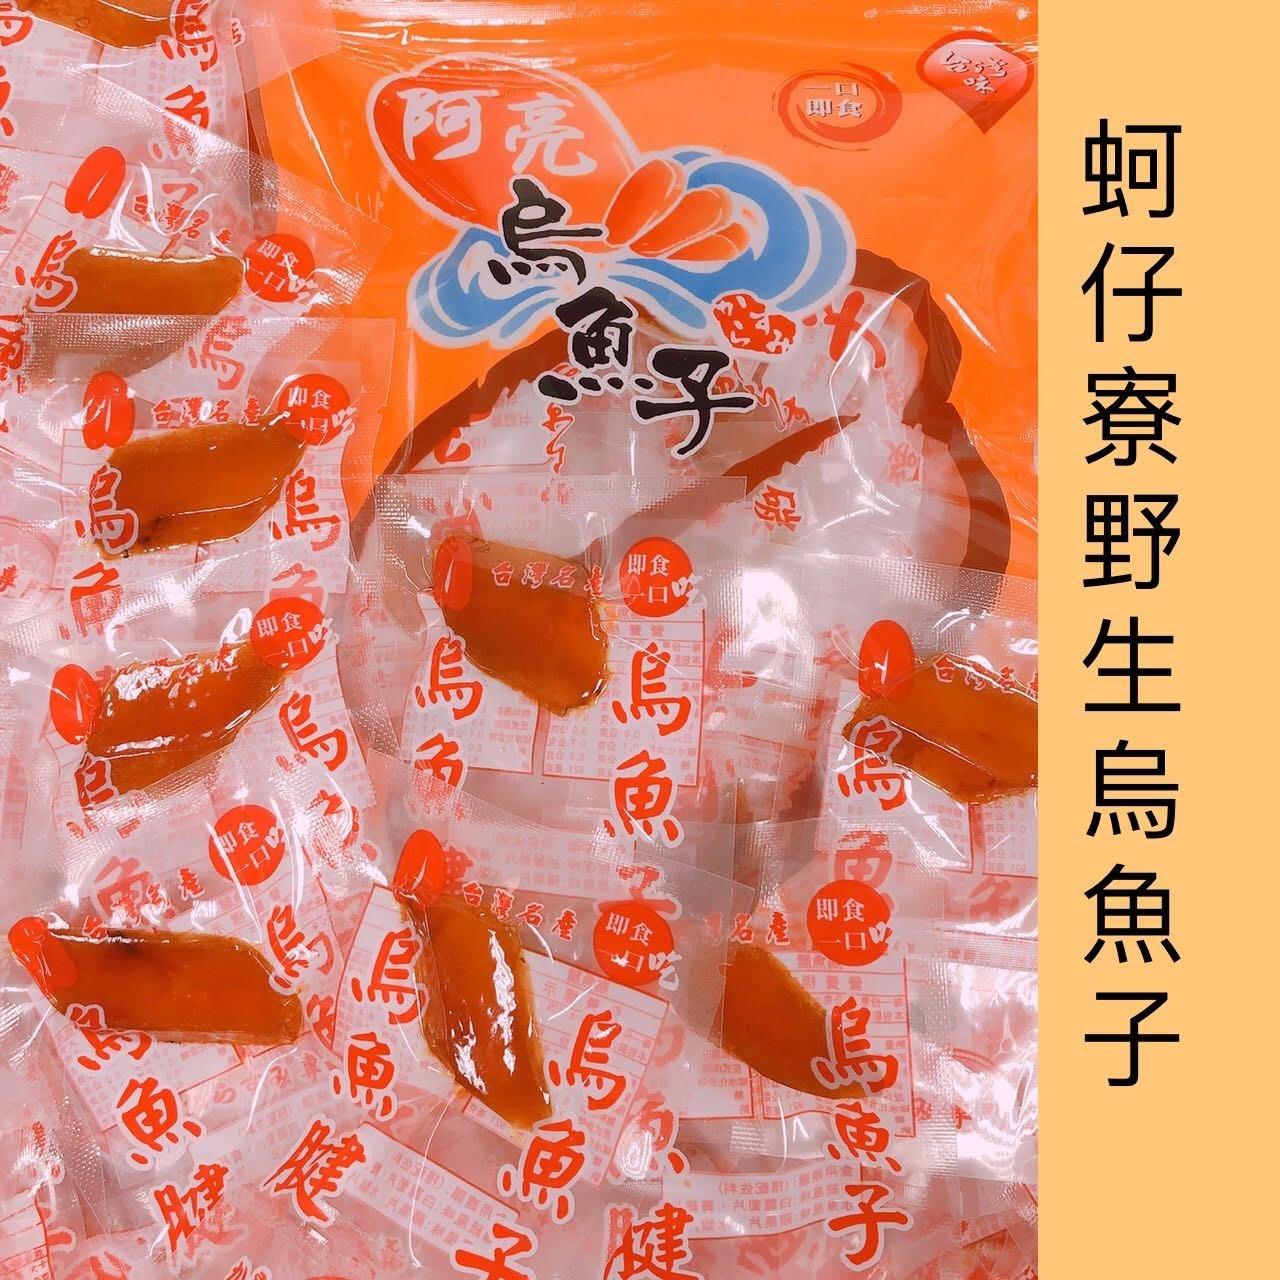 免運 {蚵仔寮野生烏魚子}(熟食)小塊一口烏魚子1包145-150g 小塊有33-35小包